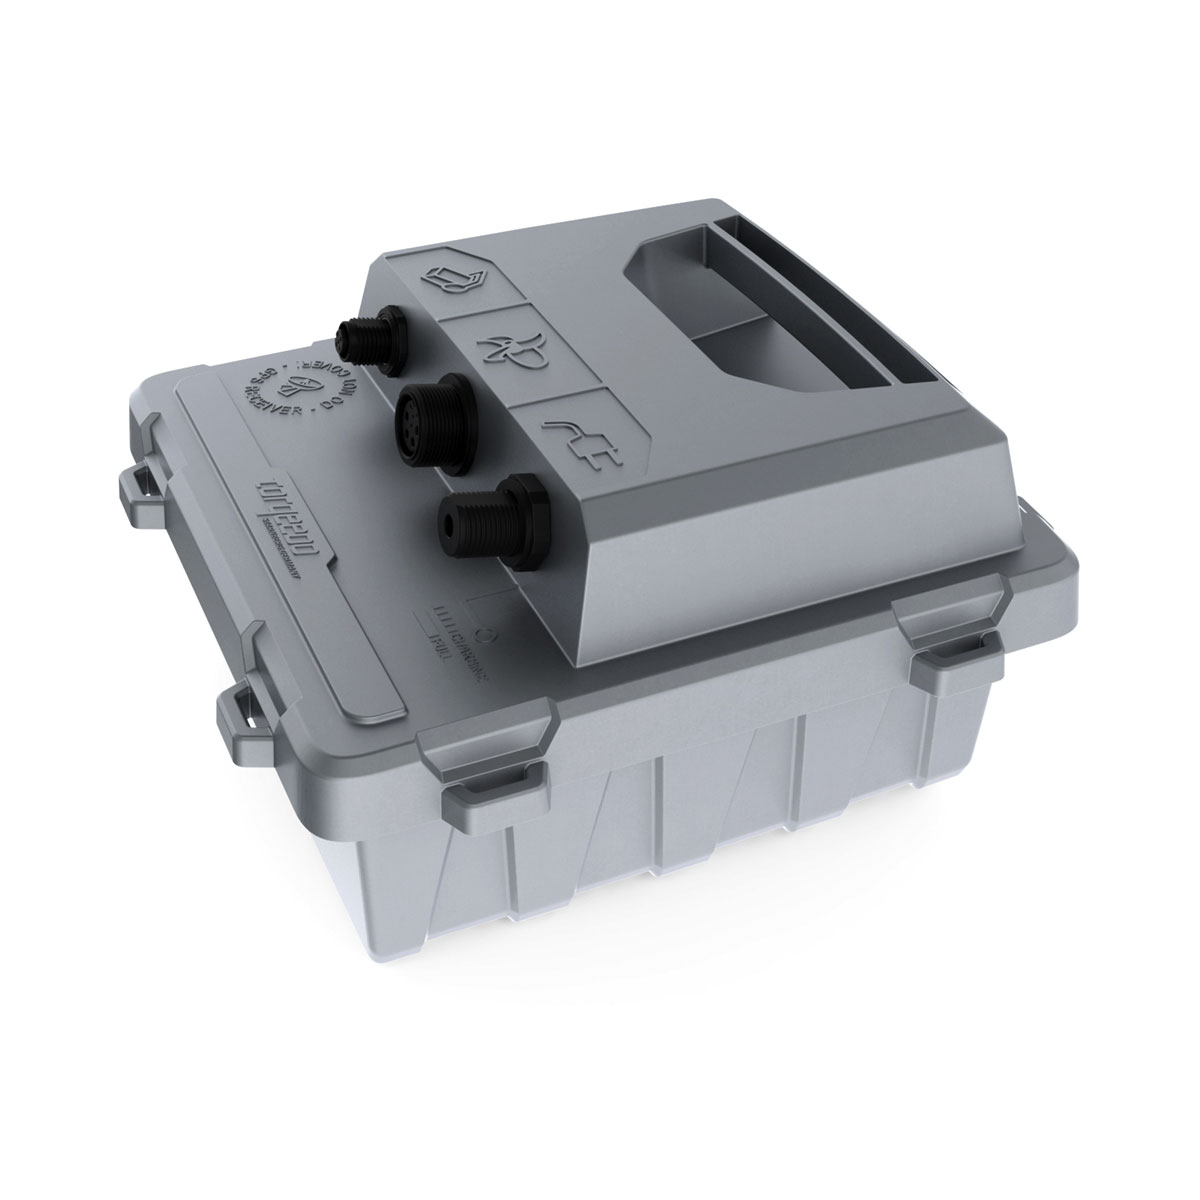 Ultralight, 403, запасной аккумулятор, torqeedo